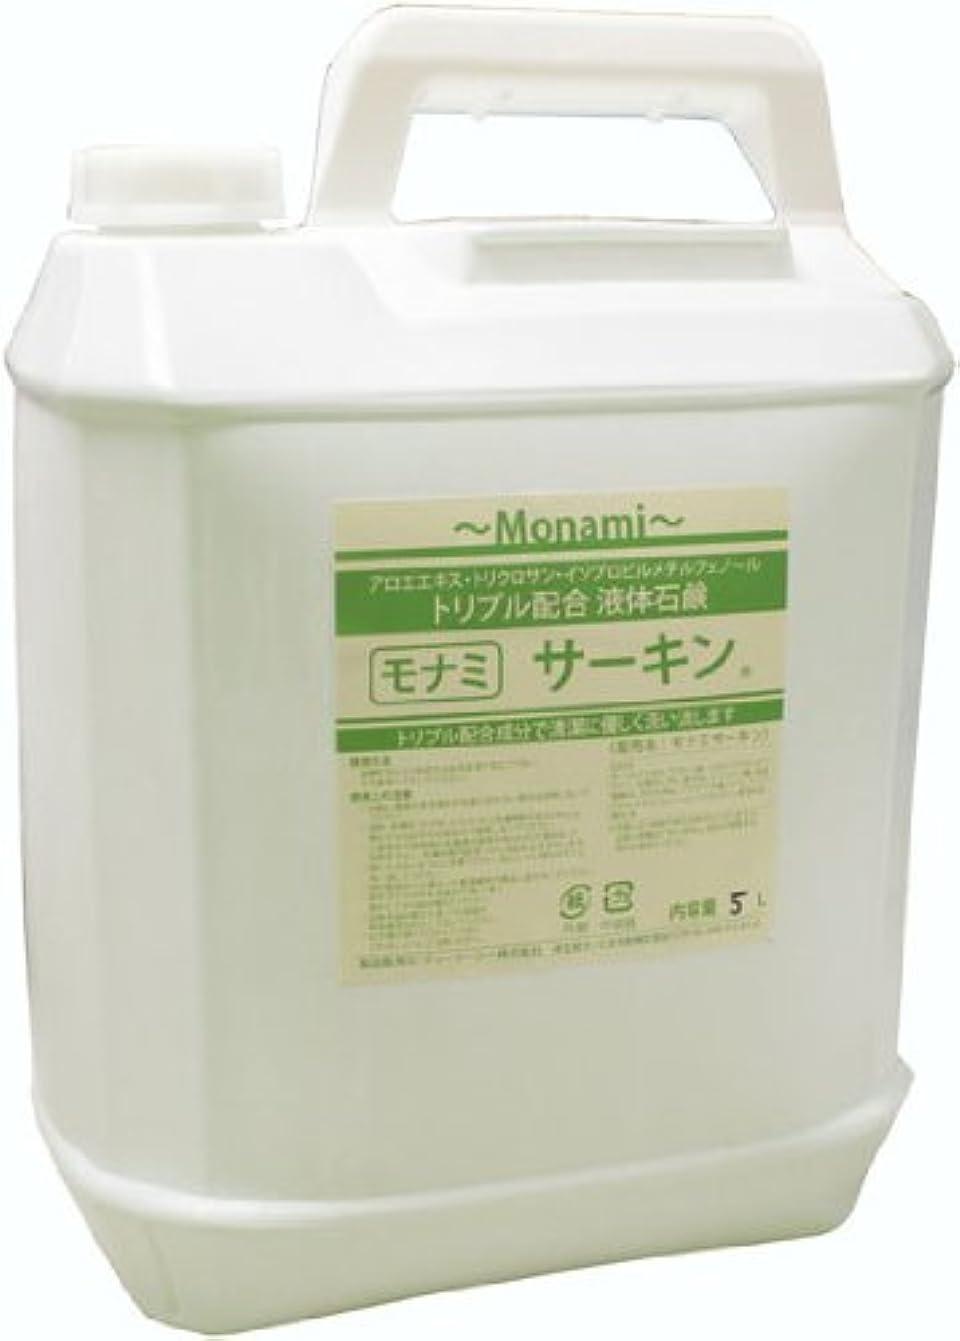 便利領収書エッセンス保湿剤配合業務用液体ソープ「モナミ サーキン5L」アロエエキス、トリクロサン、イソプロピルメチルフェノール配合